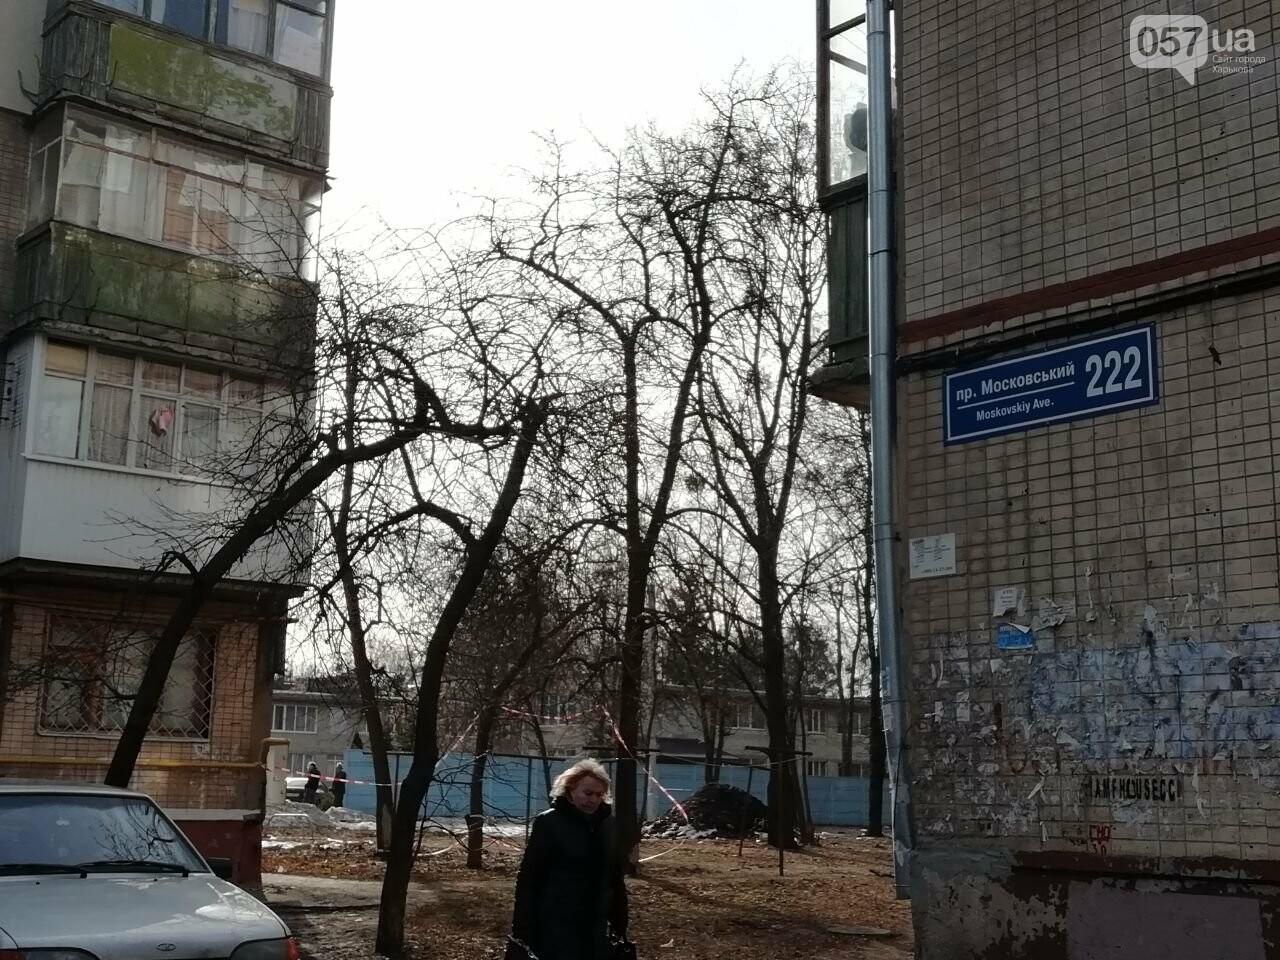 Выстрелы возле дома и неизвестные в масках: что рассказали жители о стрельбе на Московском проспекте, - ФОТО, фото-13